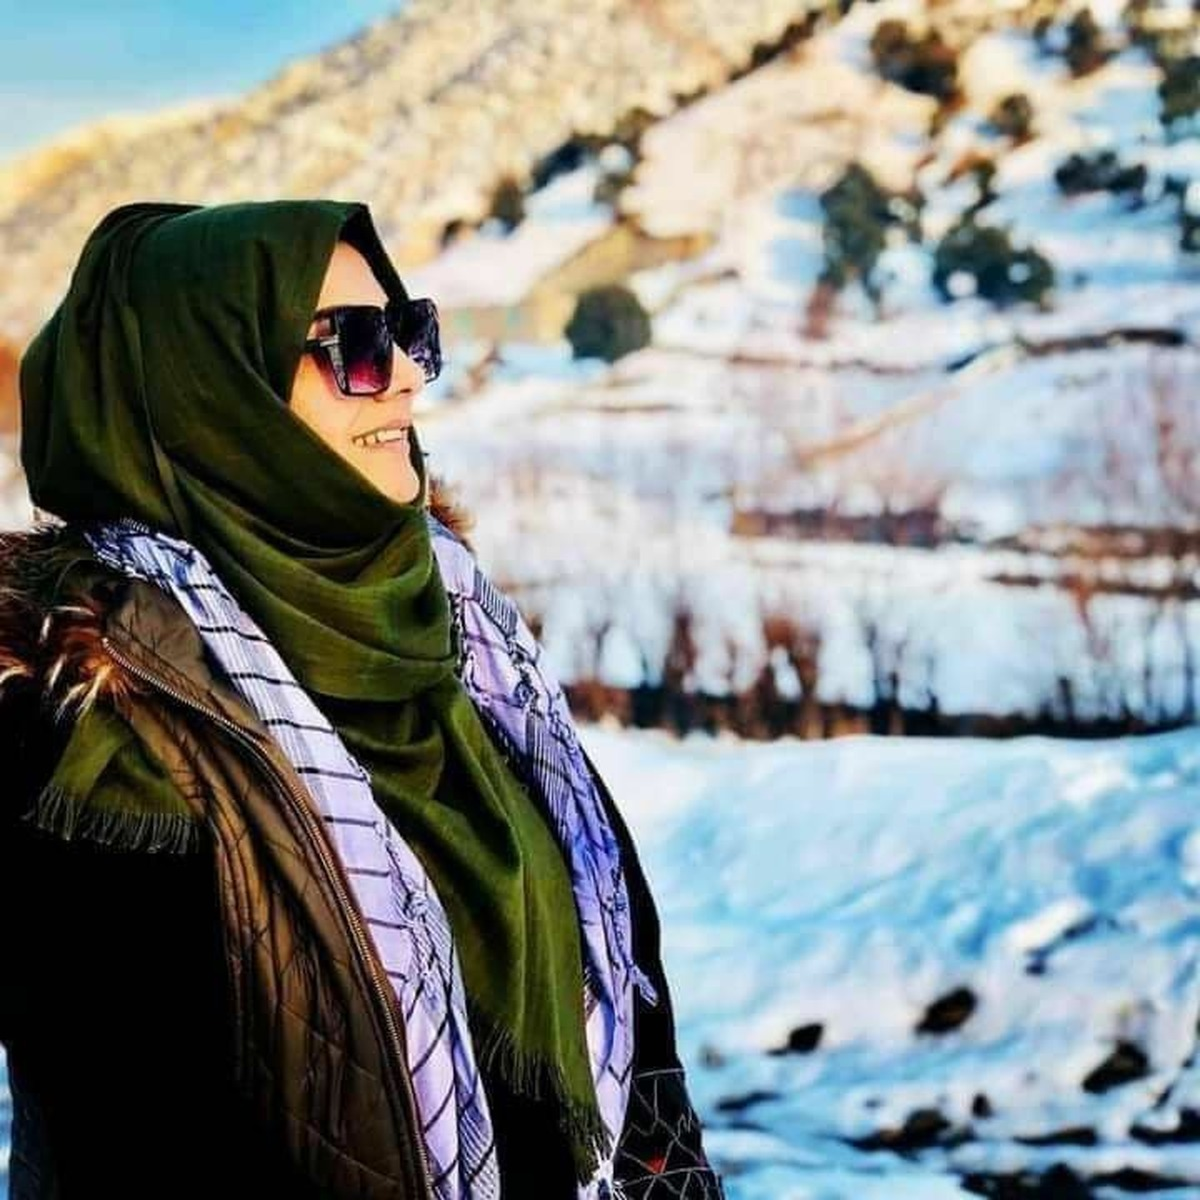 فرشته کوهستانی؛ فعال حقوق زن ترور شد